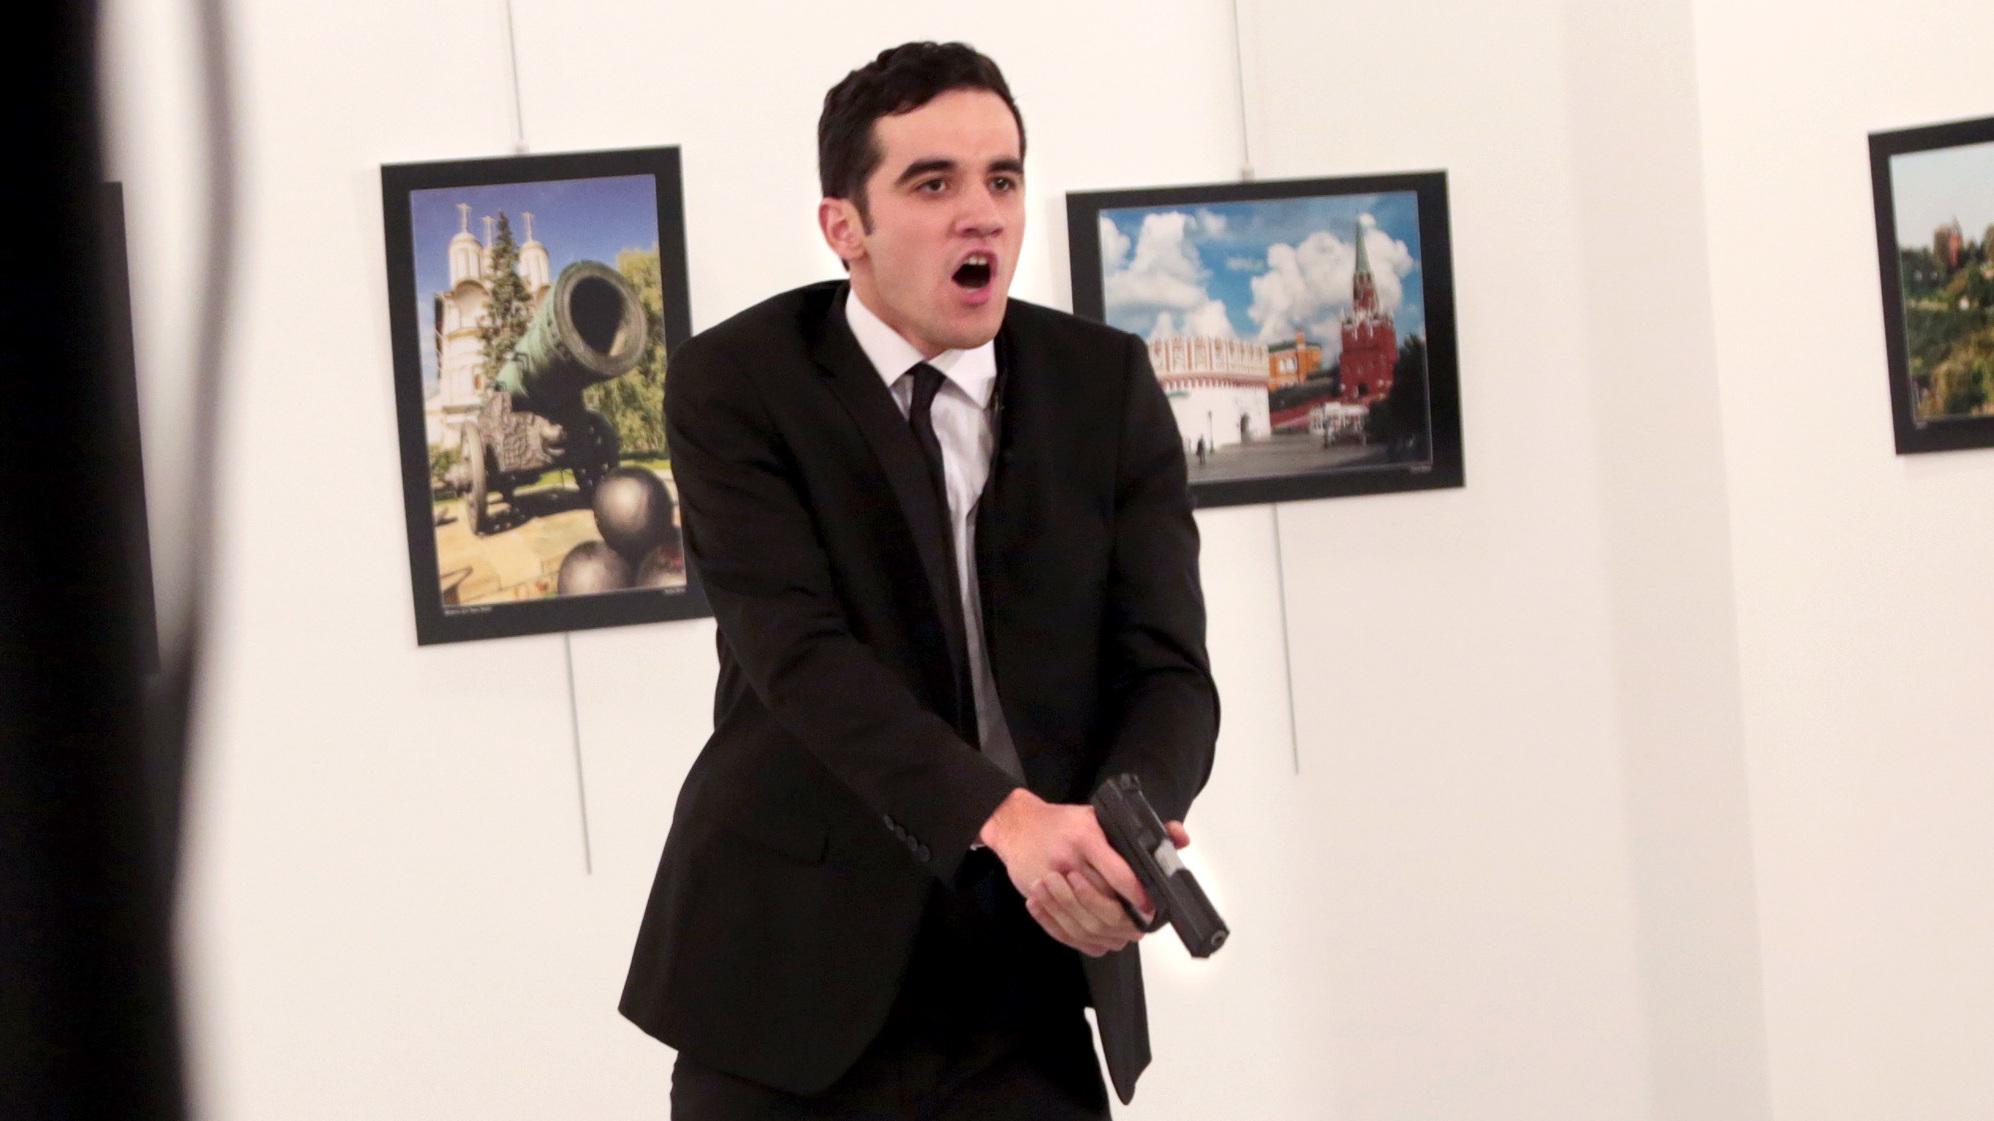 Mevlut Mert Altıntas, assassino do embaixador russo na Turquia Andrei Karlov